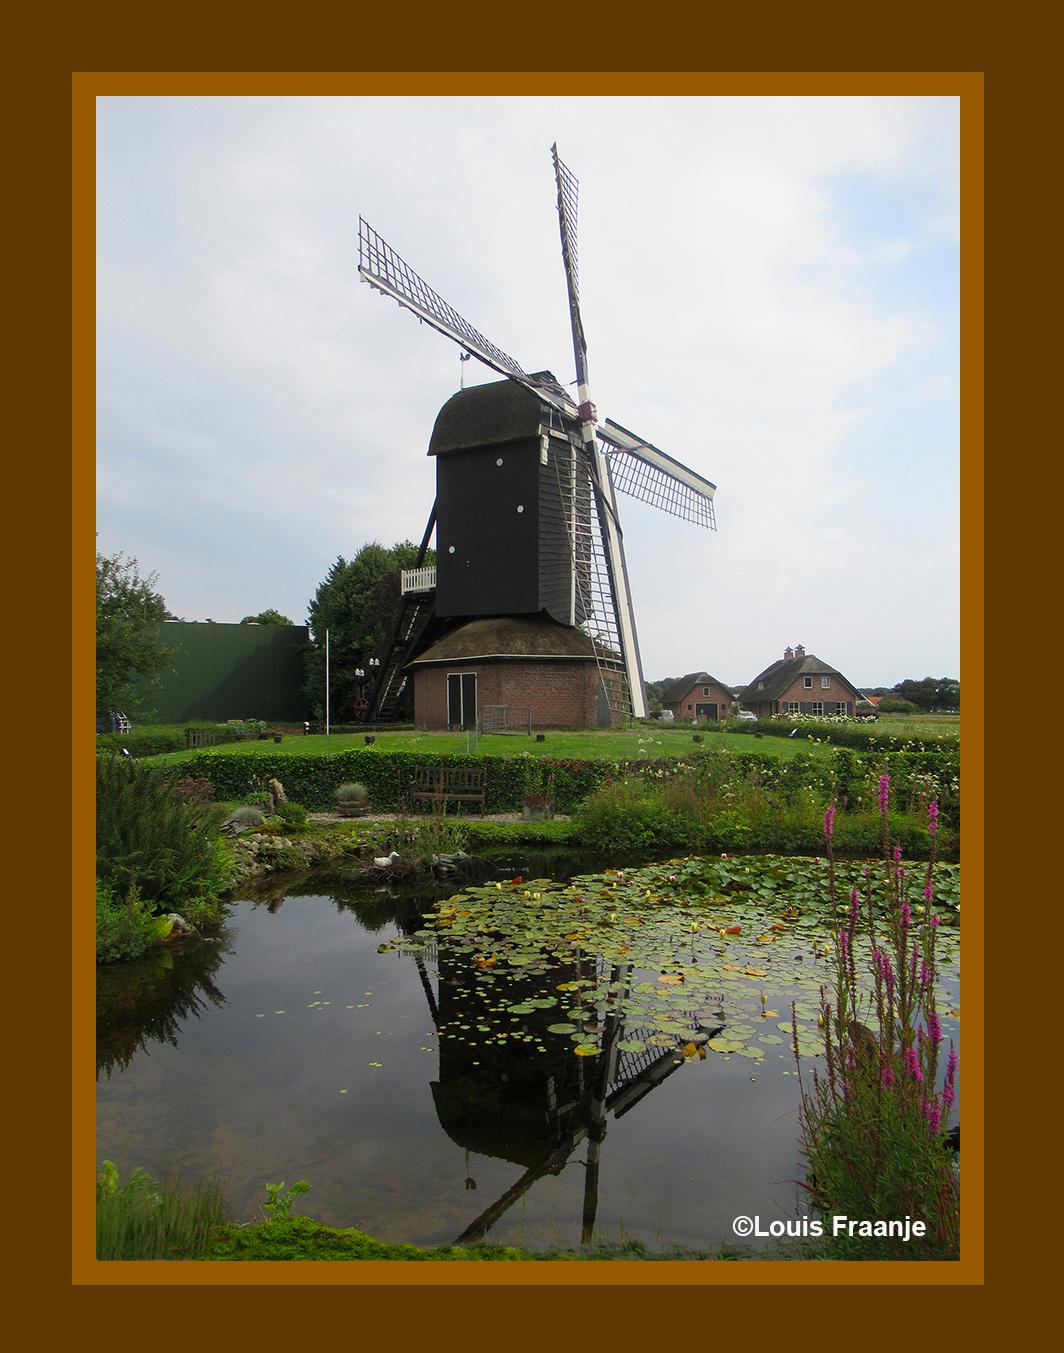 Den Olden Florus of Kallenbroeker Molen is een van de oudste nog aanwezige standerdmolens in Nederland